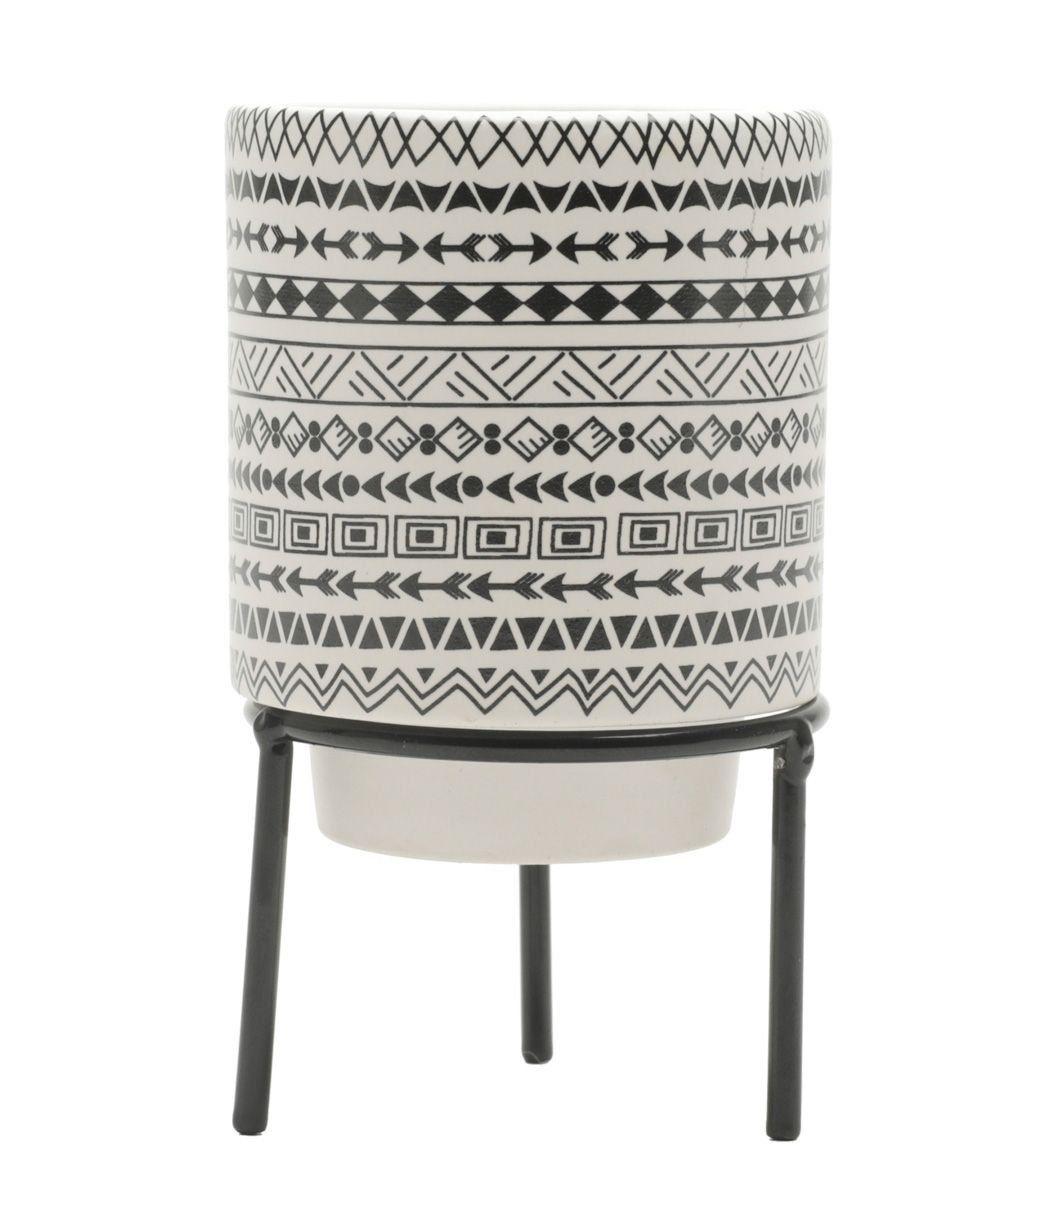 Cachepô de Cerâmica Estampa Étnica com Suporte de Metal Preto 8,5cm x 7cm - 42548